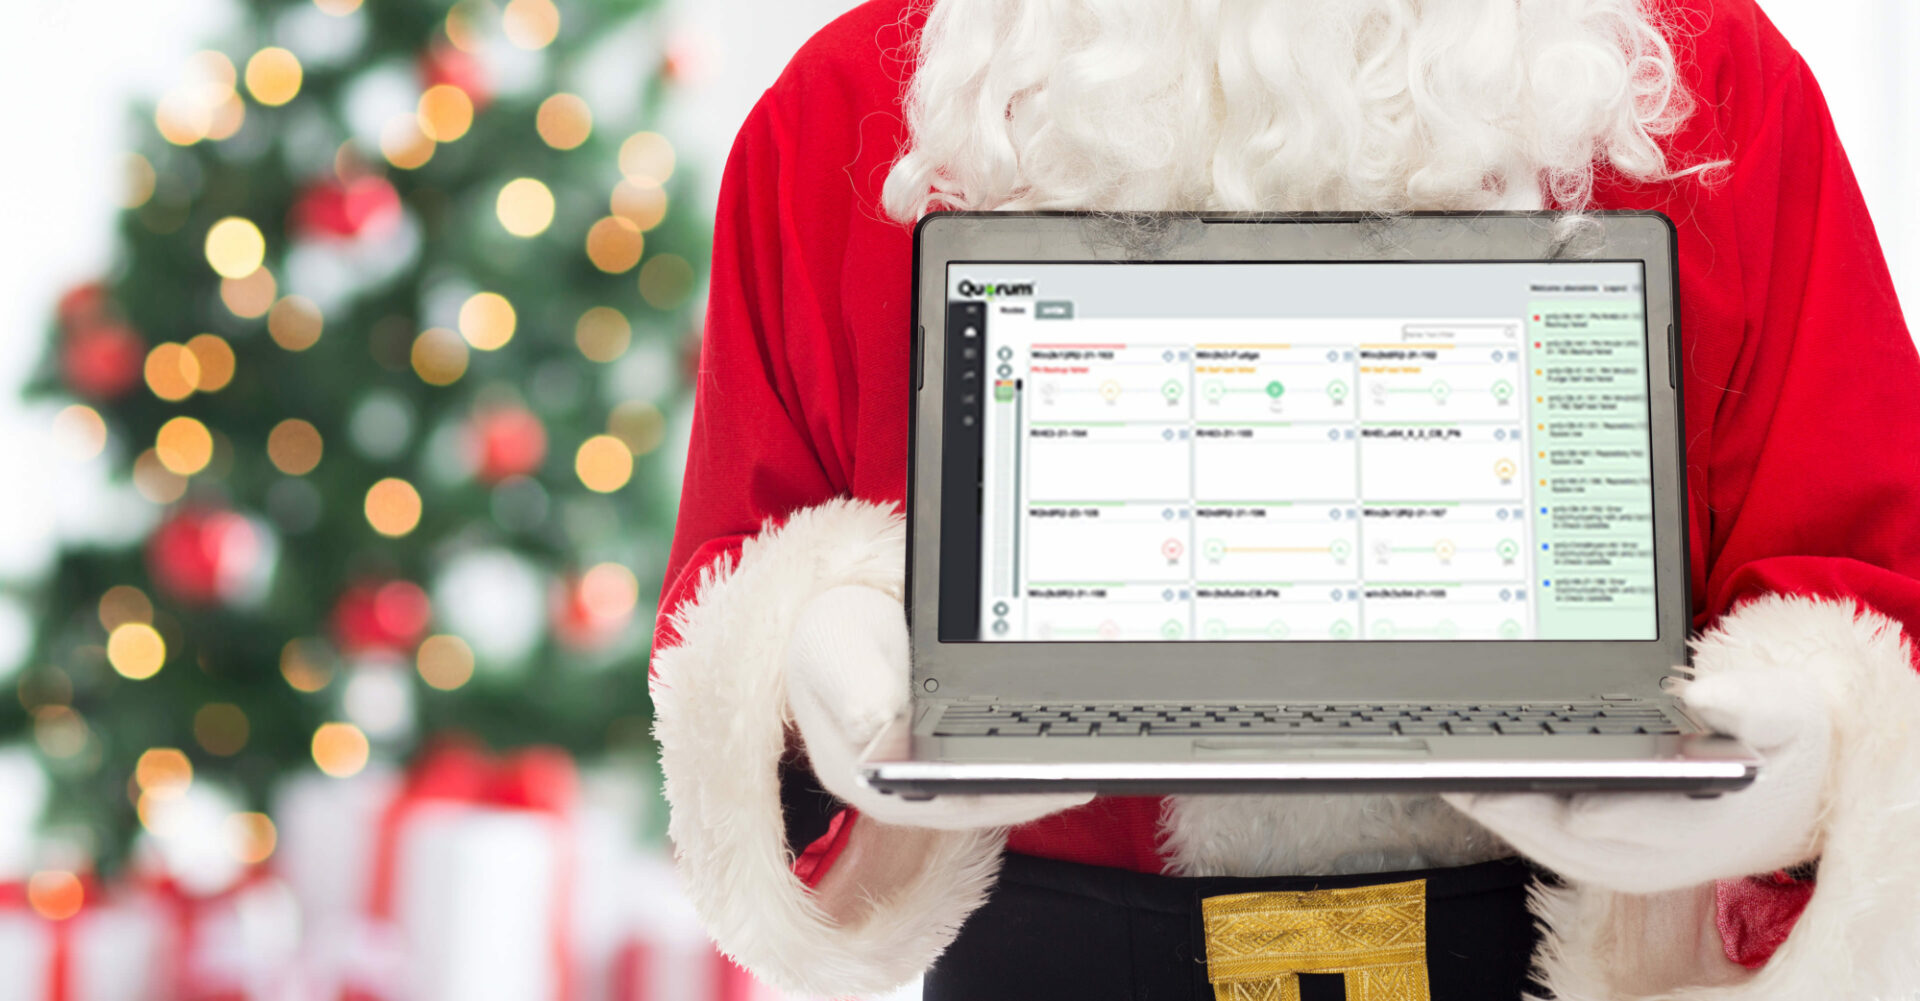 Quorum Blog Holiday Speed